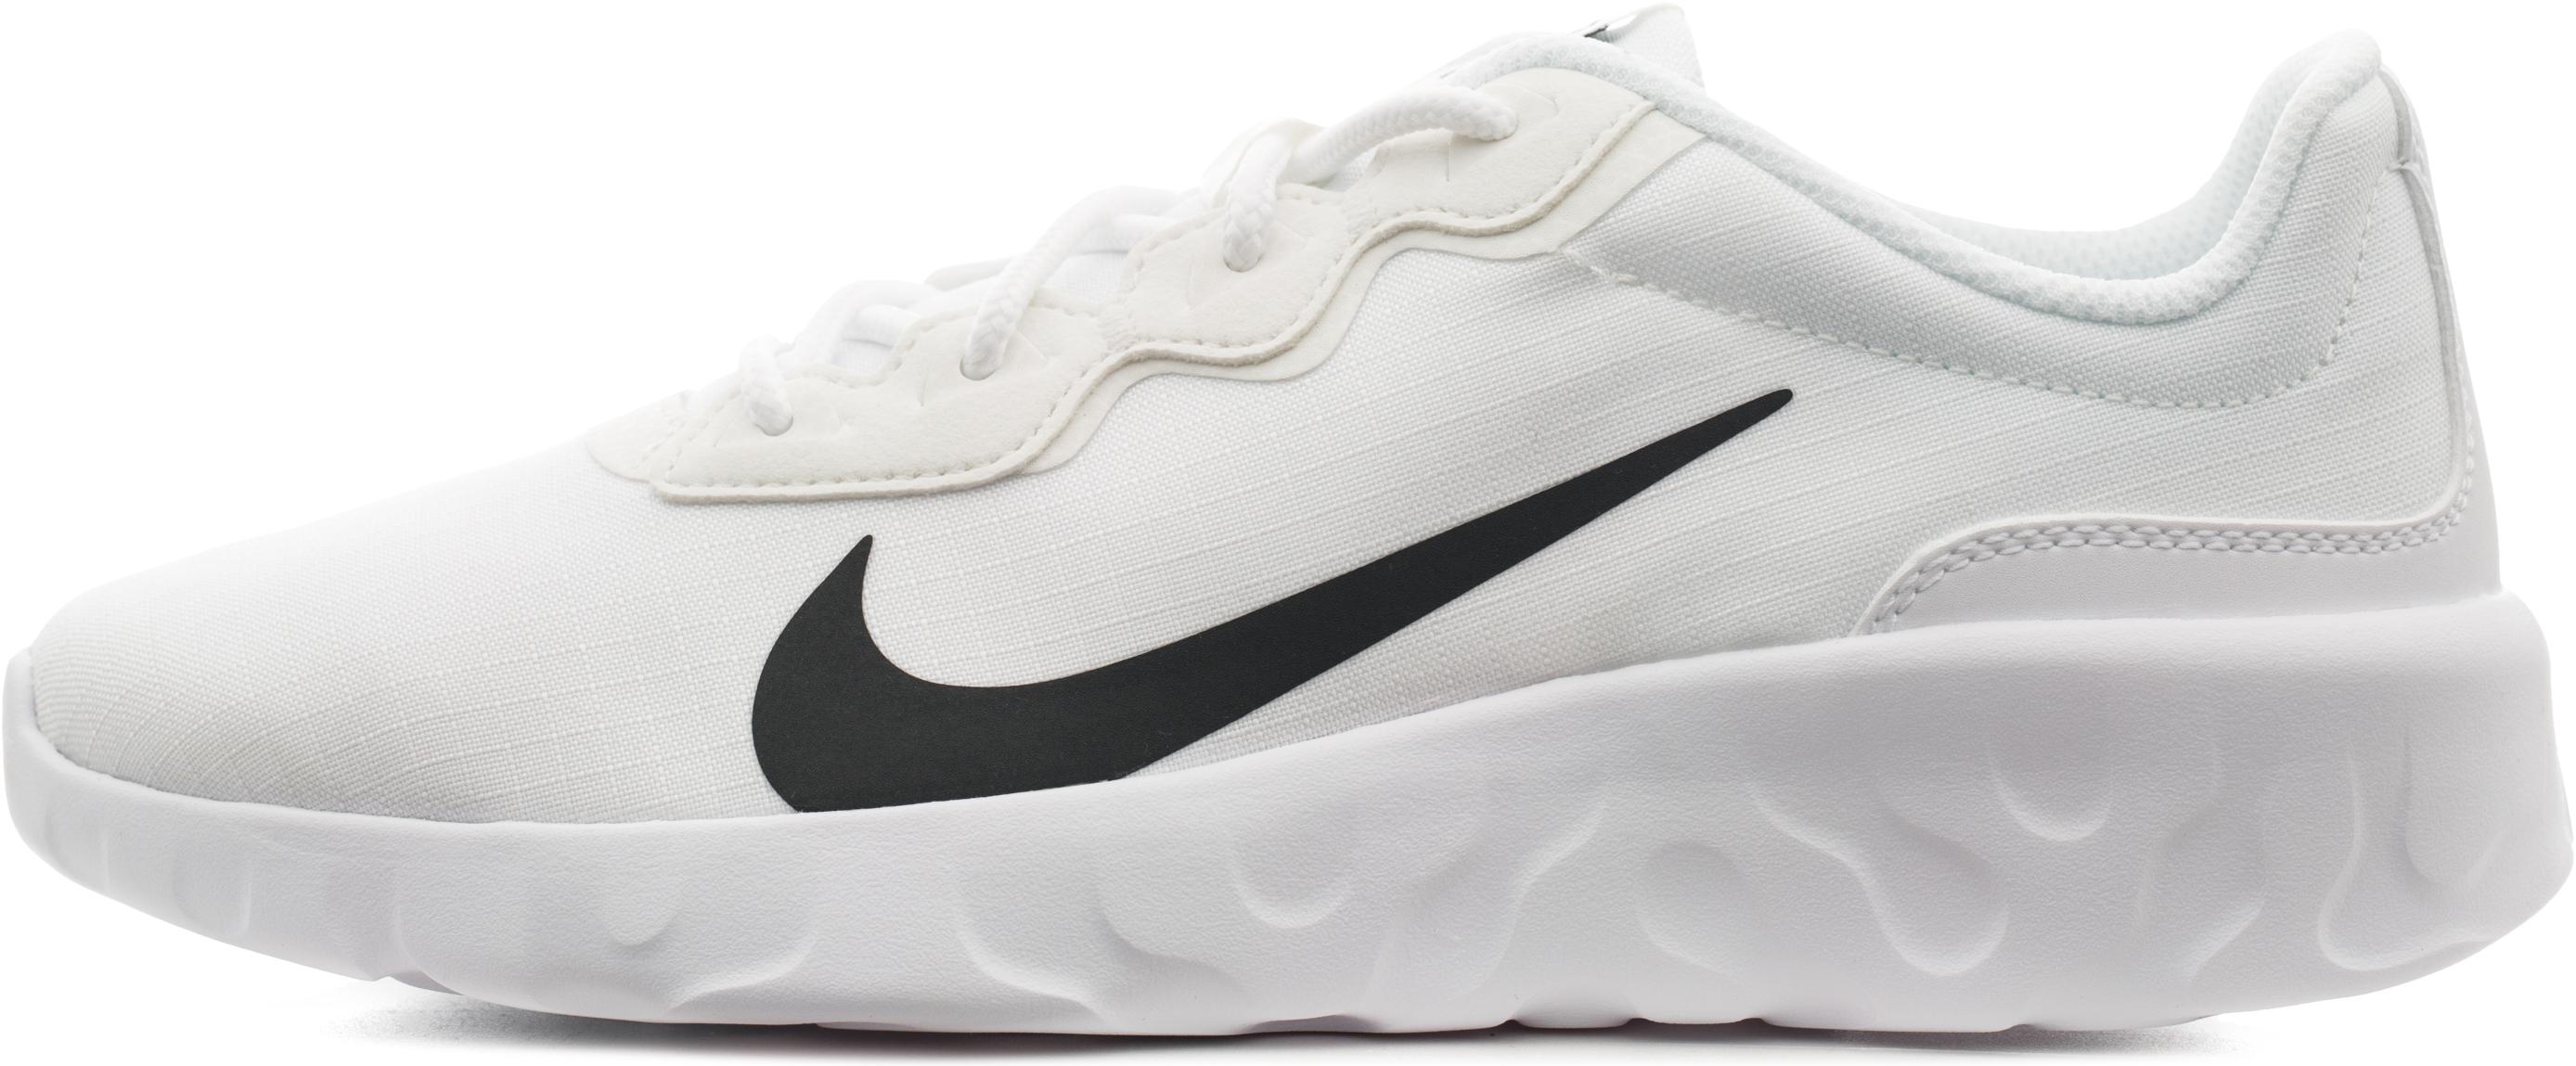 купить Nike Кроссовки женские Nike Explore Strada, размер 39 по цене 3709 рублей